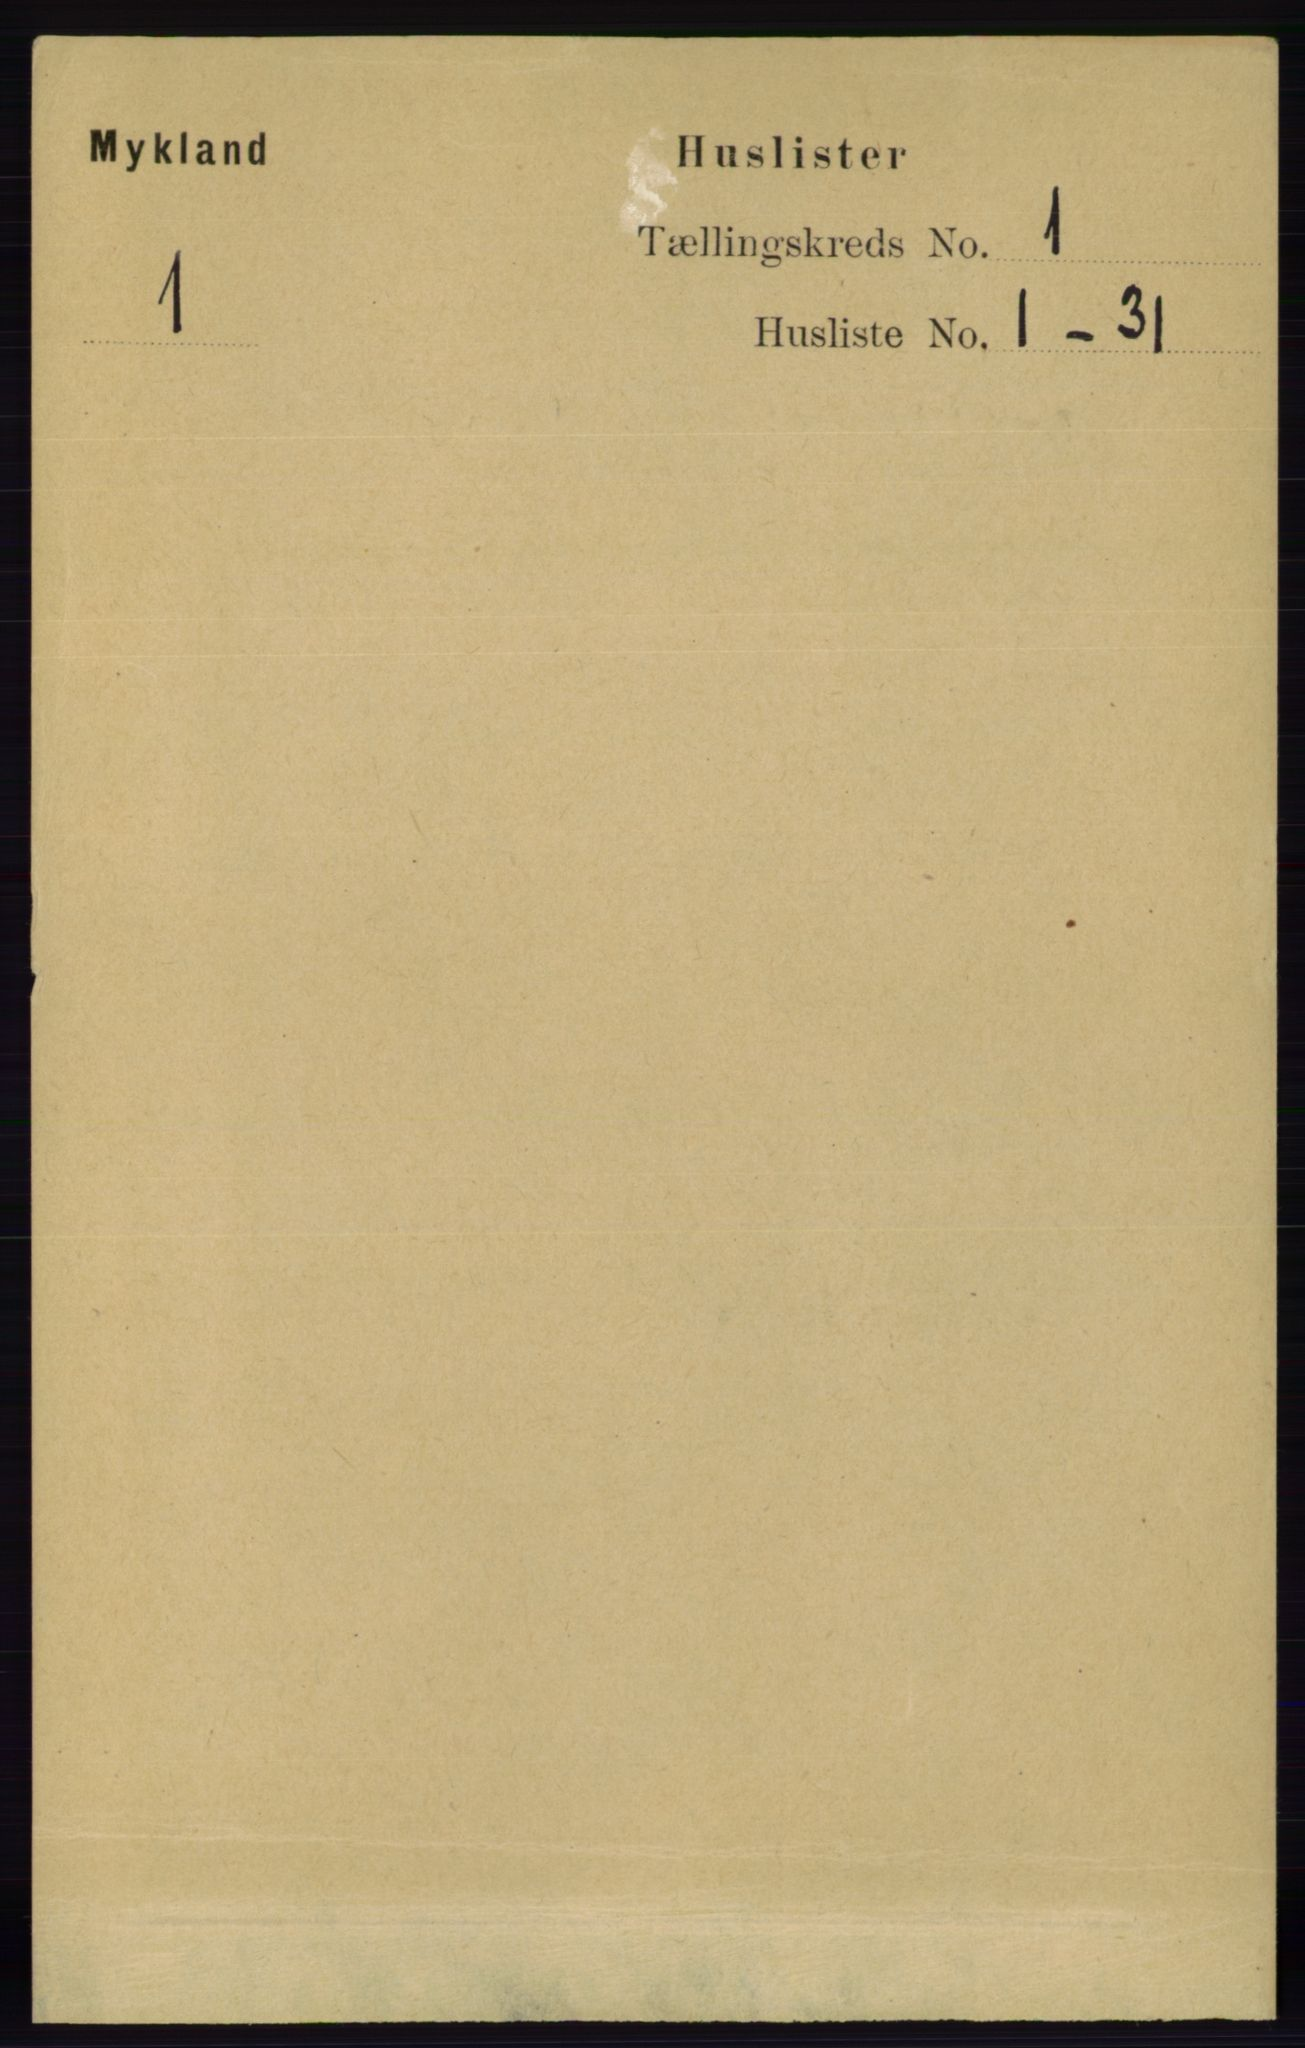 RA, Folketelling 1891 for 0932 Mykland herred, 1891, s. 11